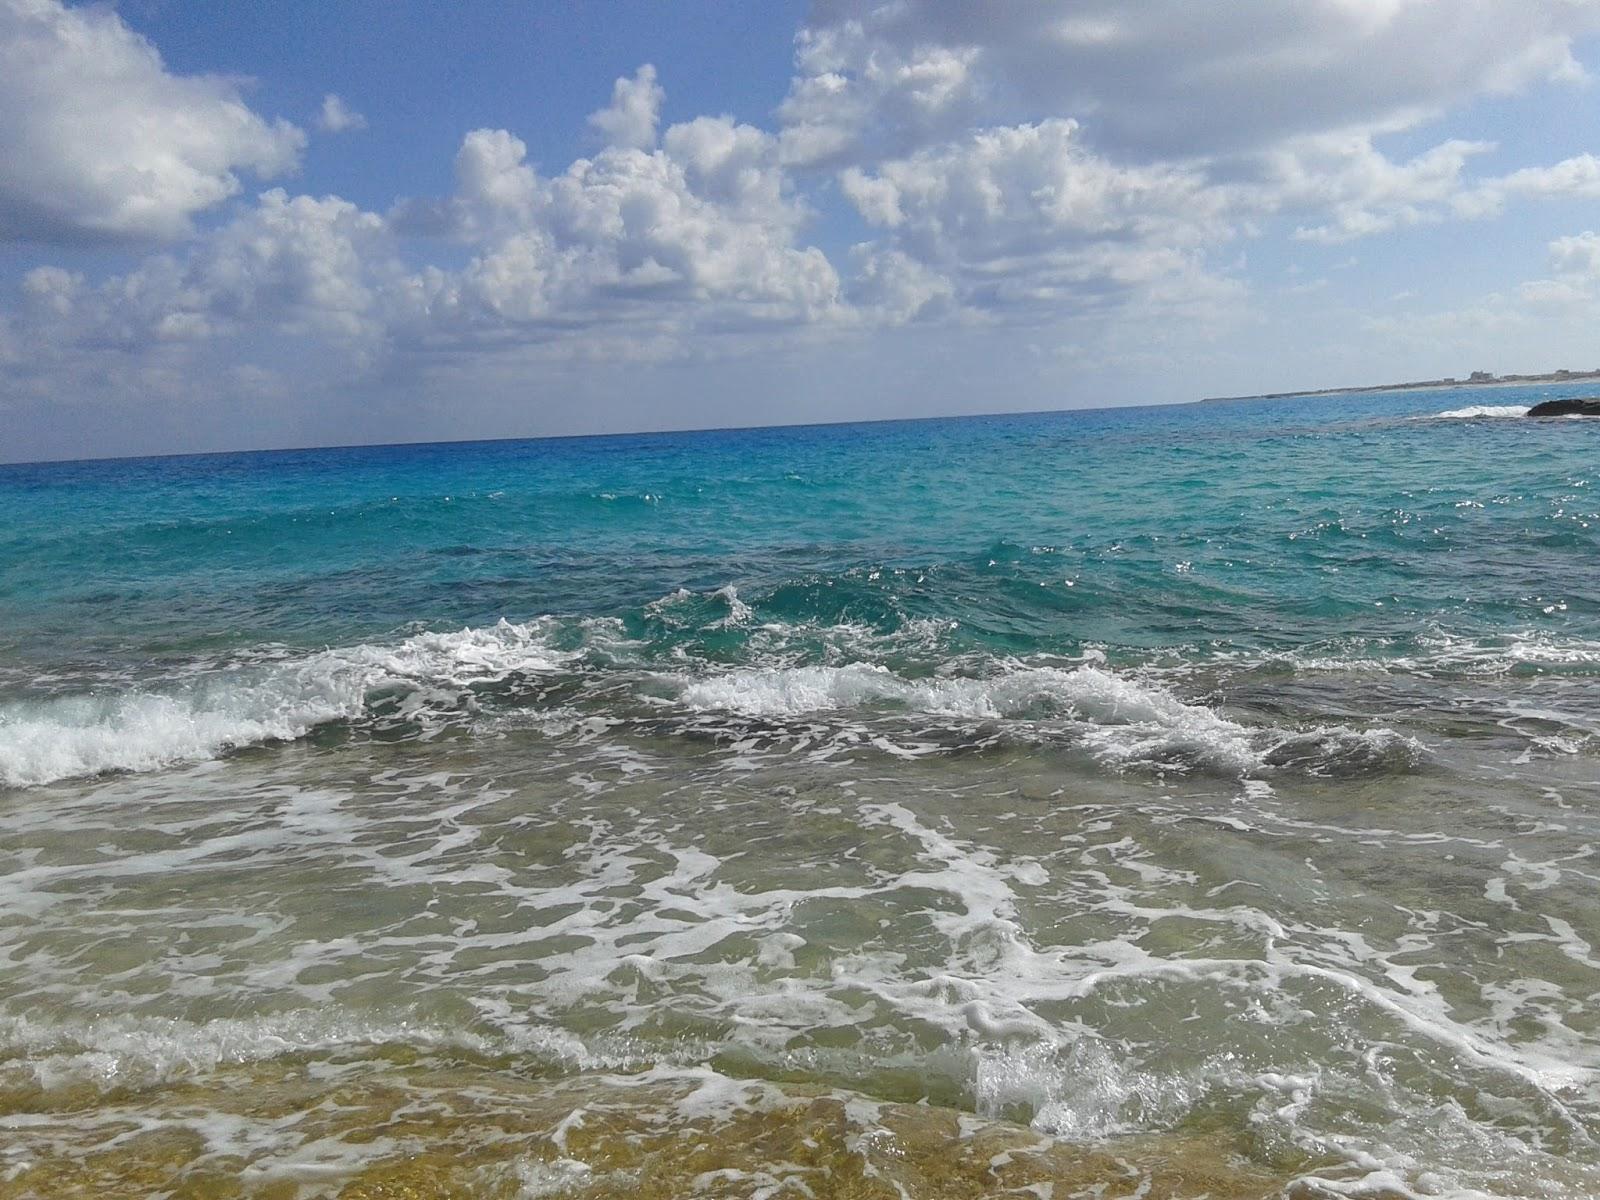 شواطئ مرسى مطروح بالصور والفيديو موسوعة كاملة Marsa Matrouh beaches